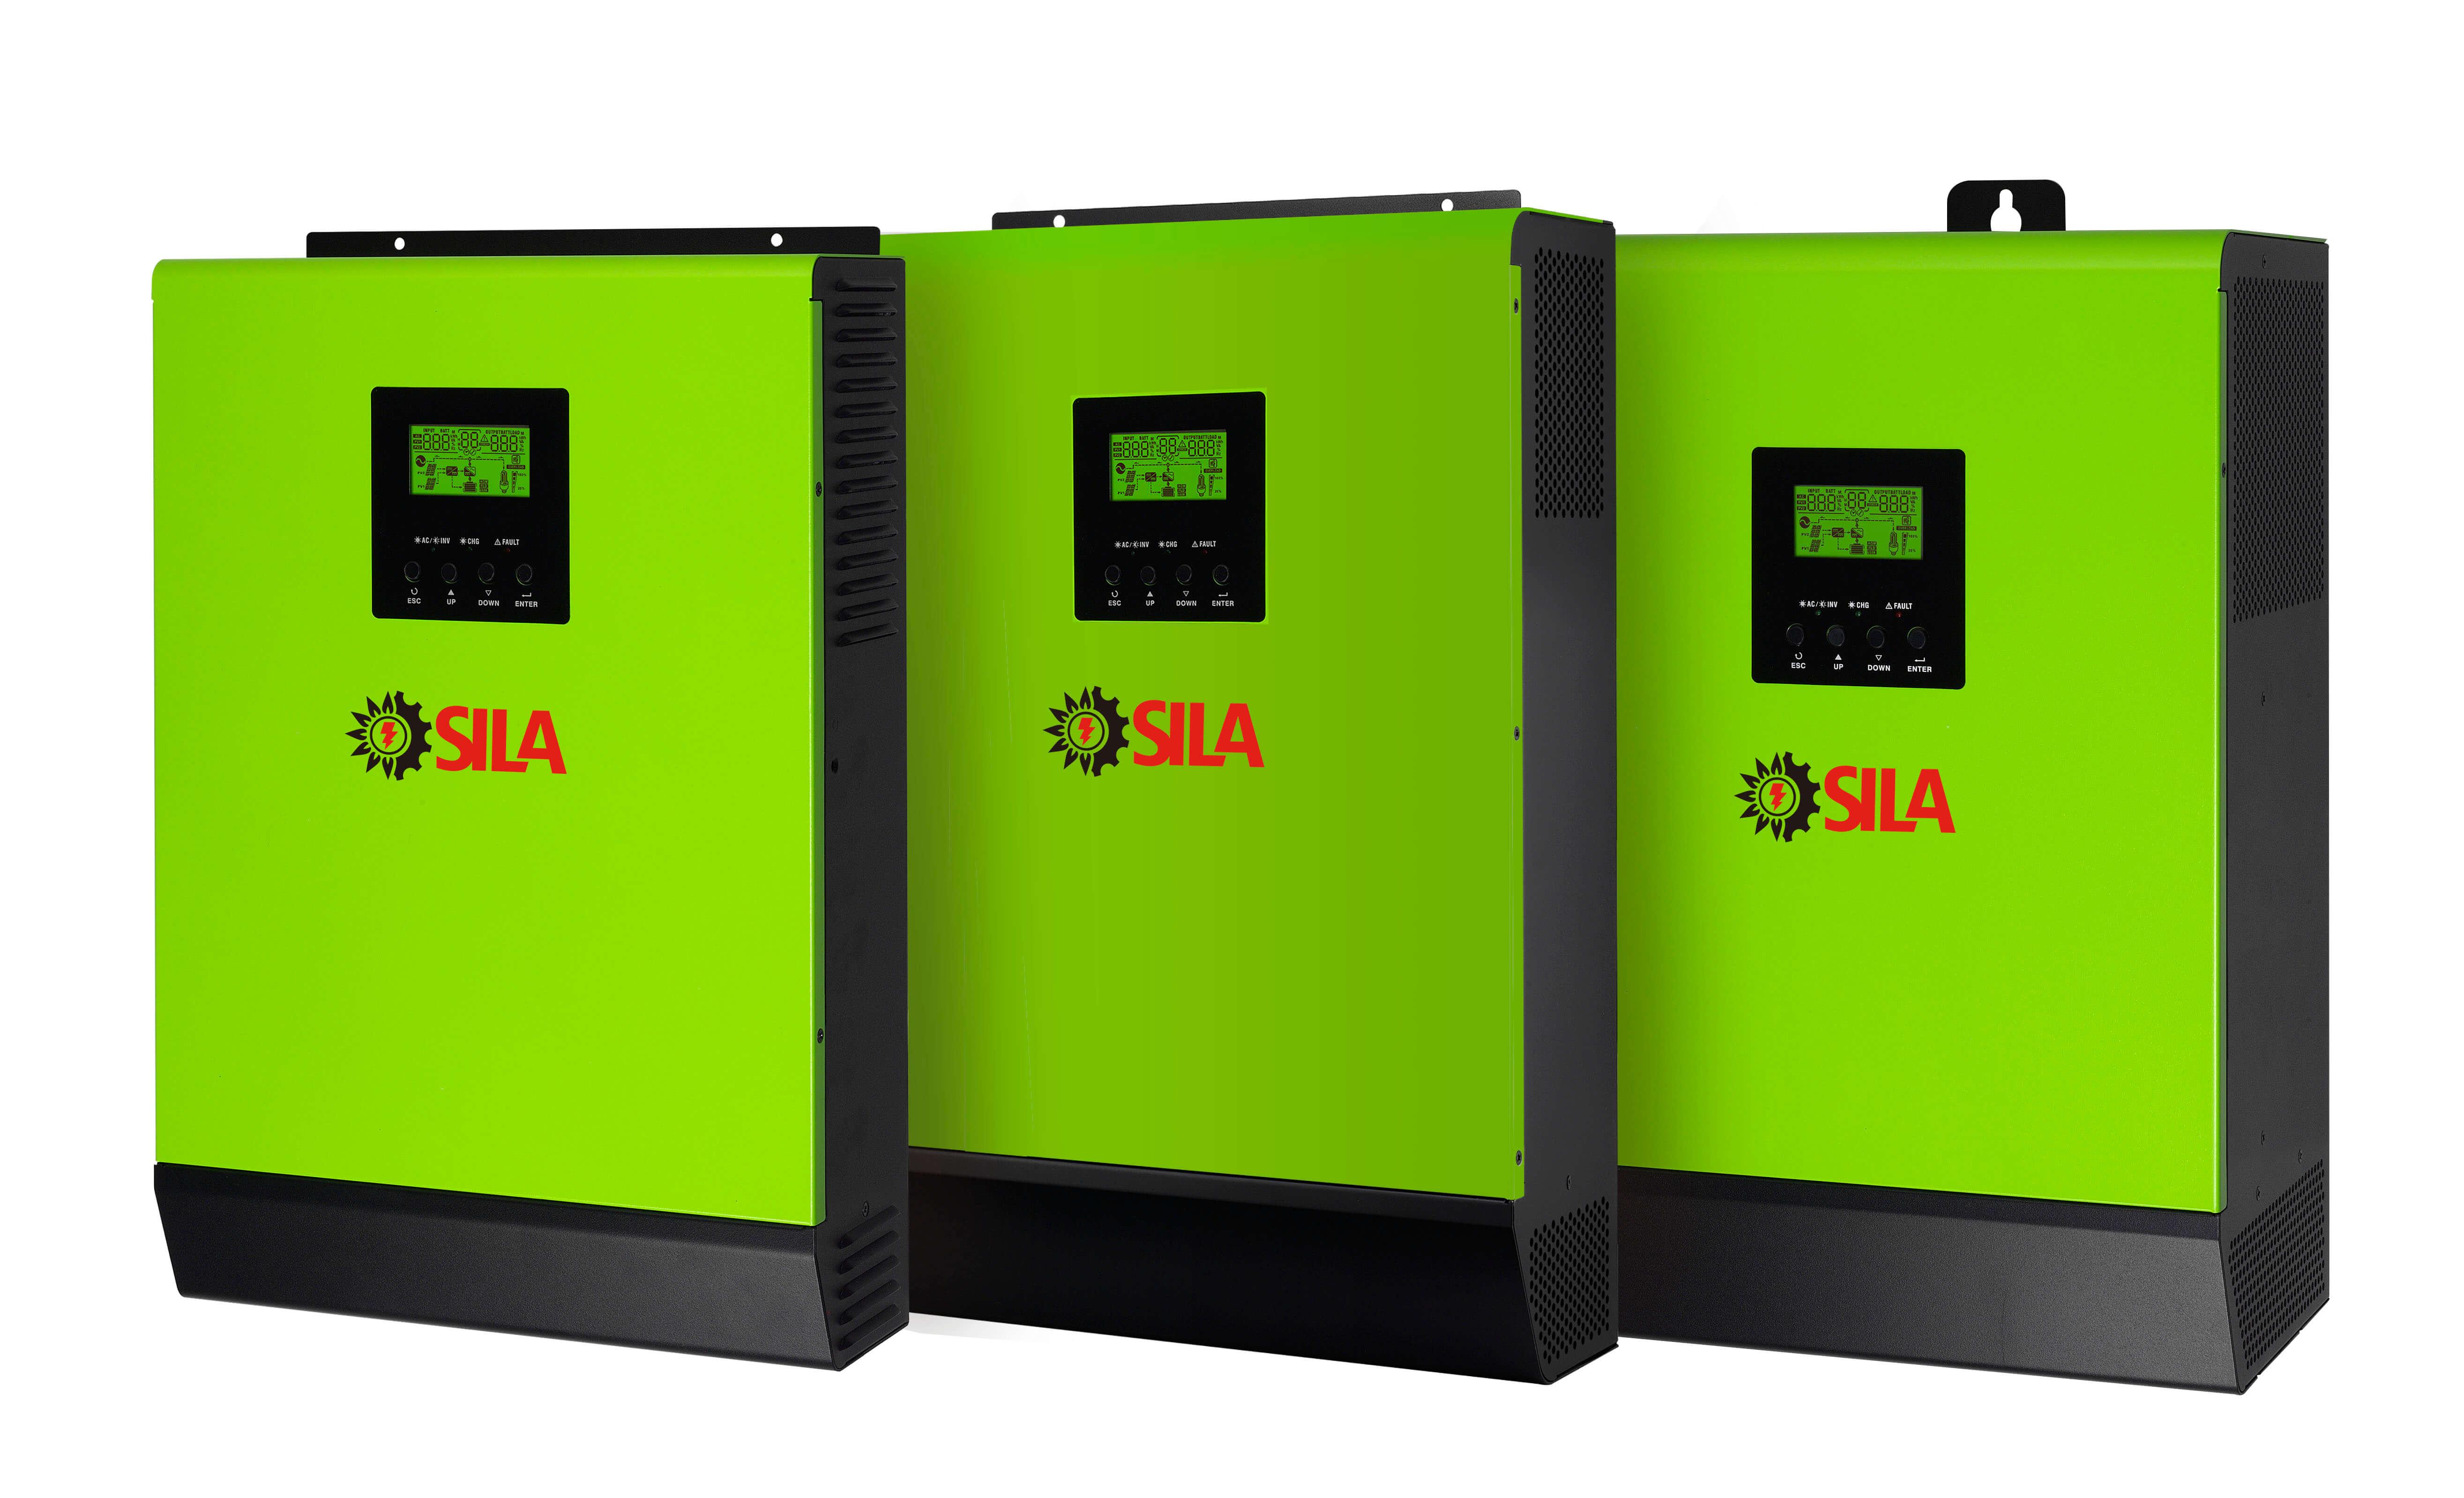 Гибридный солнечный инвертор sila pro 5000ml отзывы